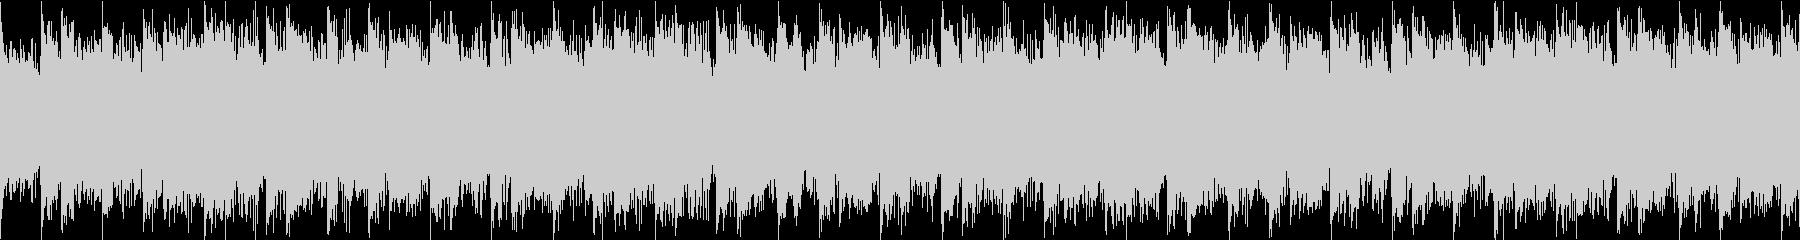 変拍子でミステリアスなホラーBGMループの未再生の波形